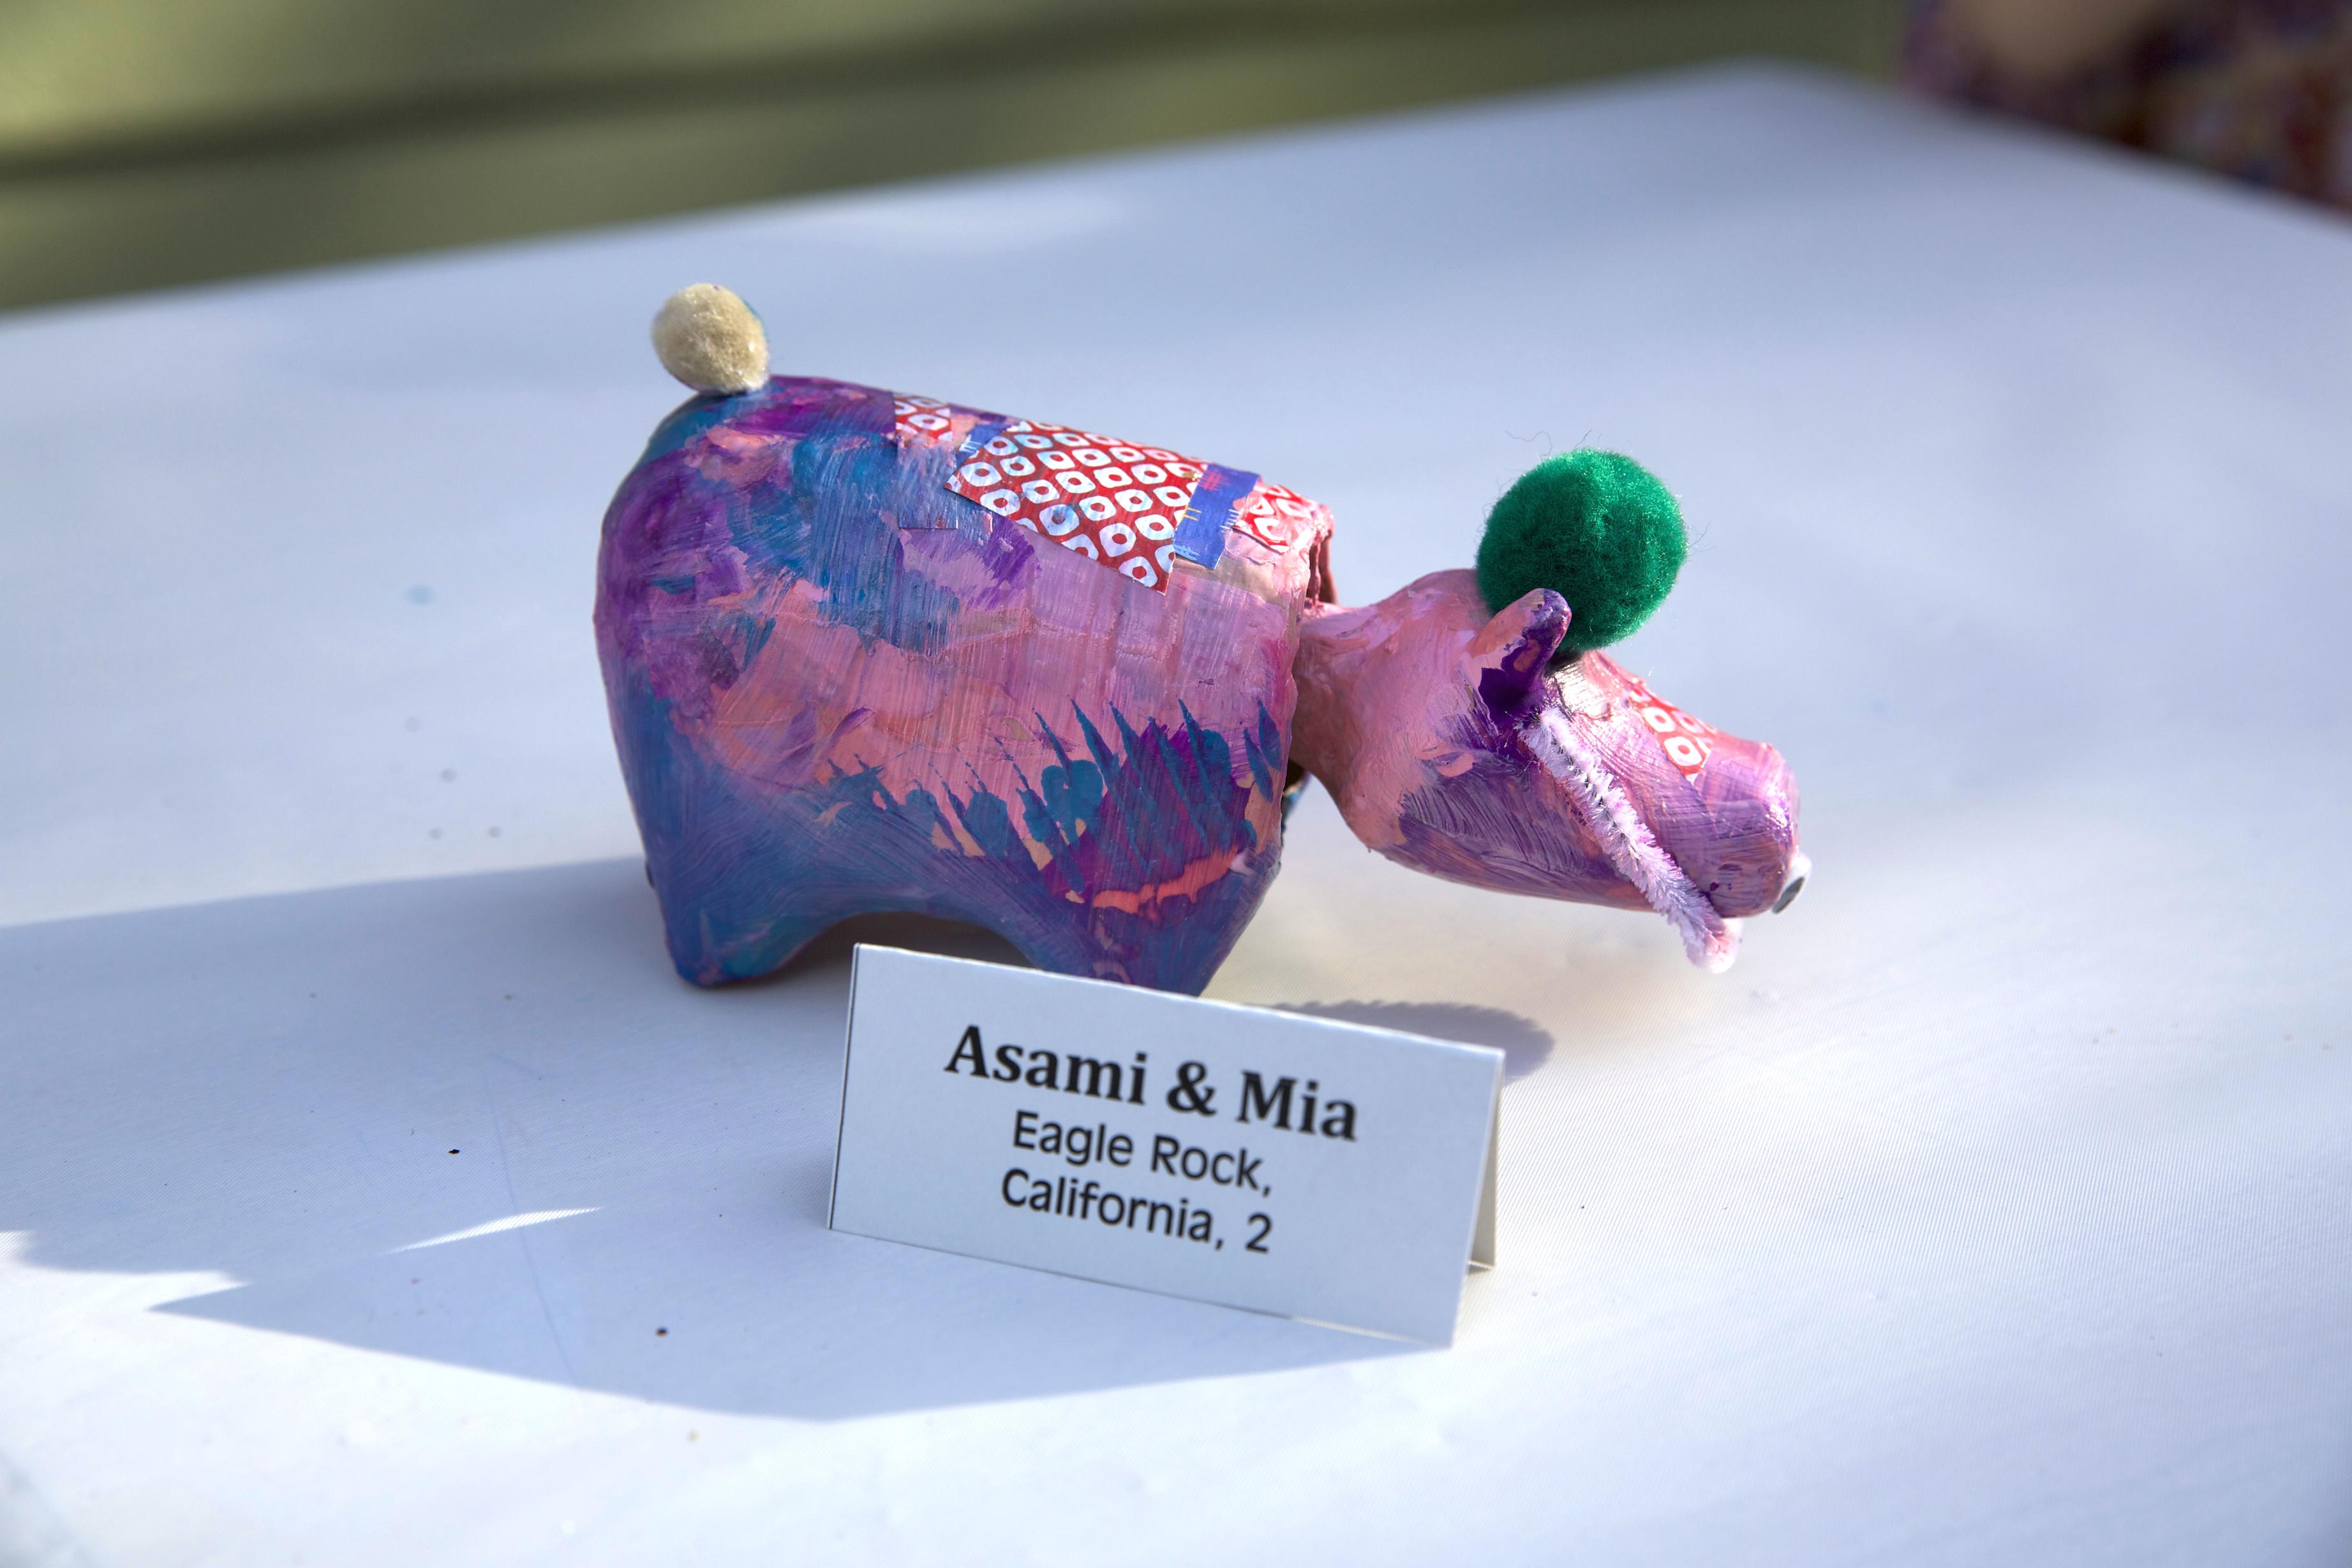 Asami & Mia